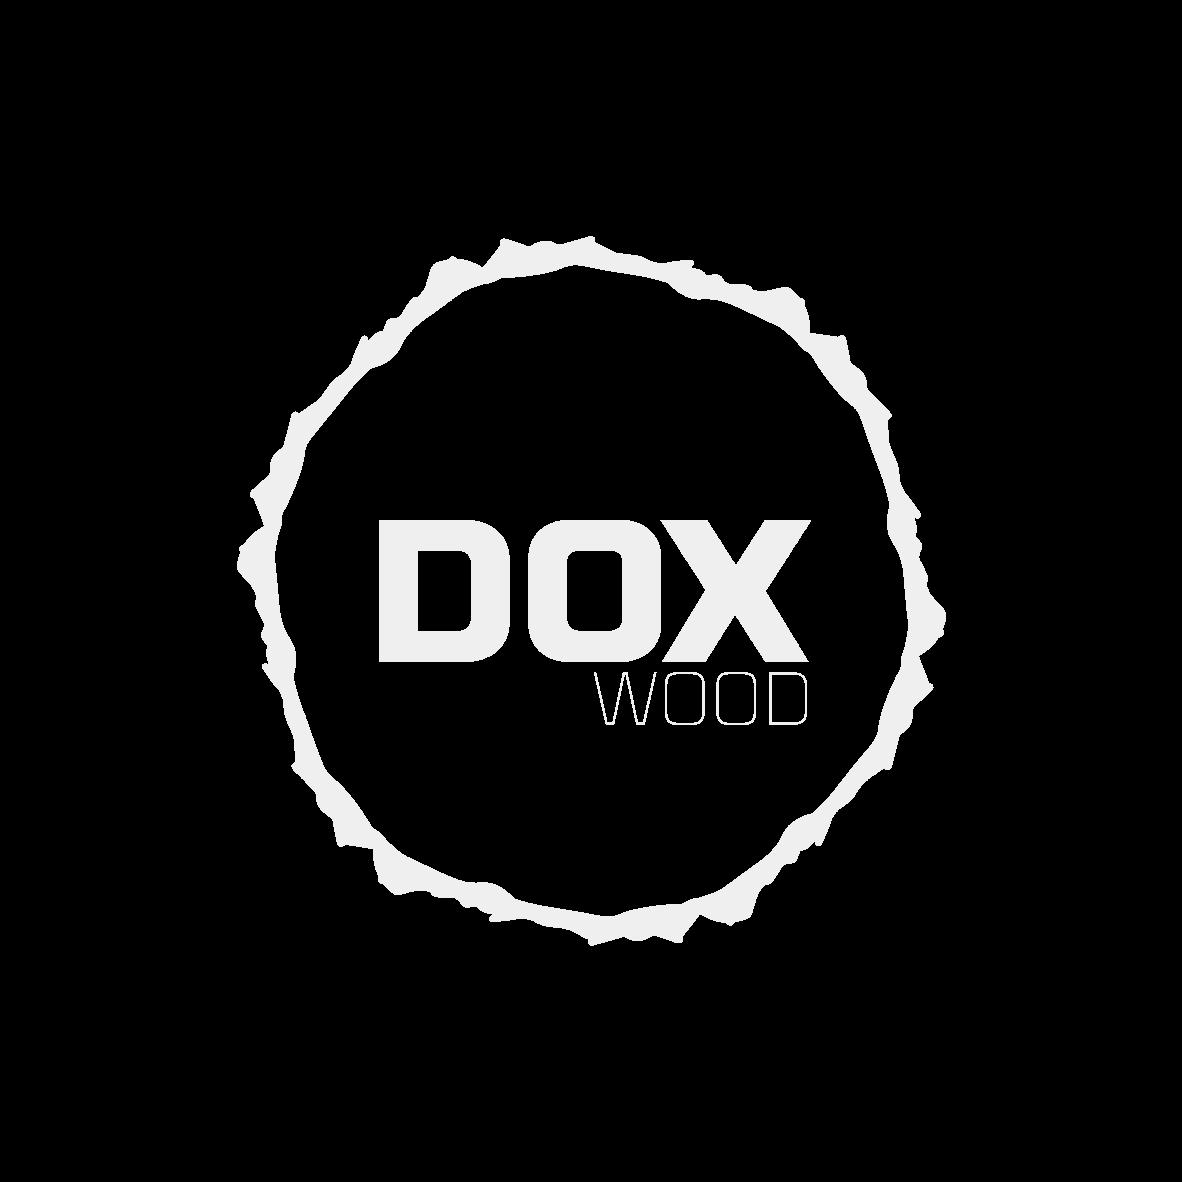 logo dox